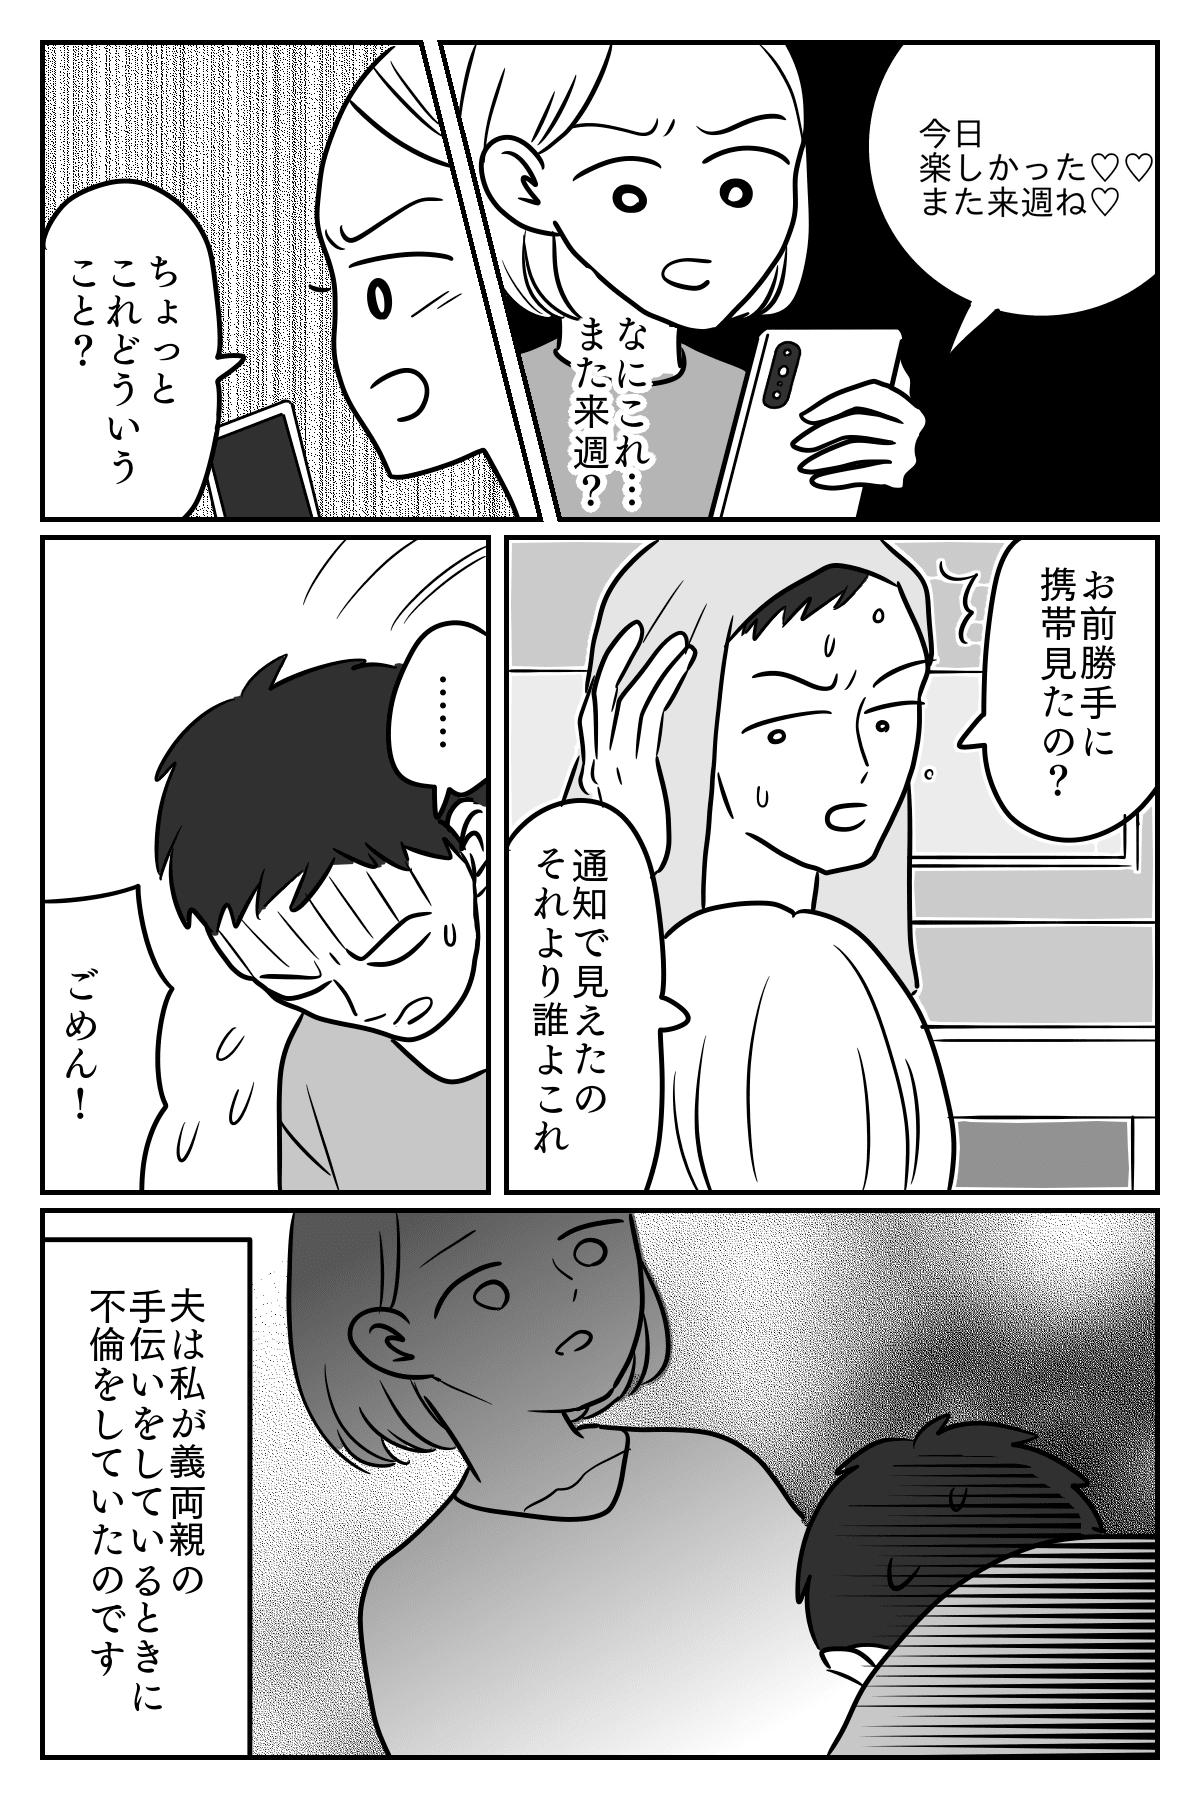 くそじじい1-2